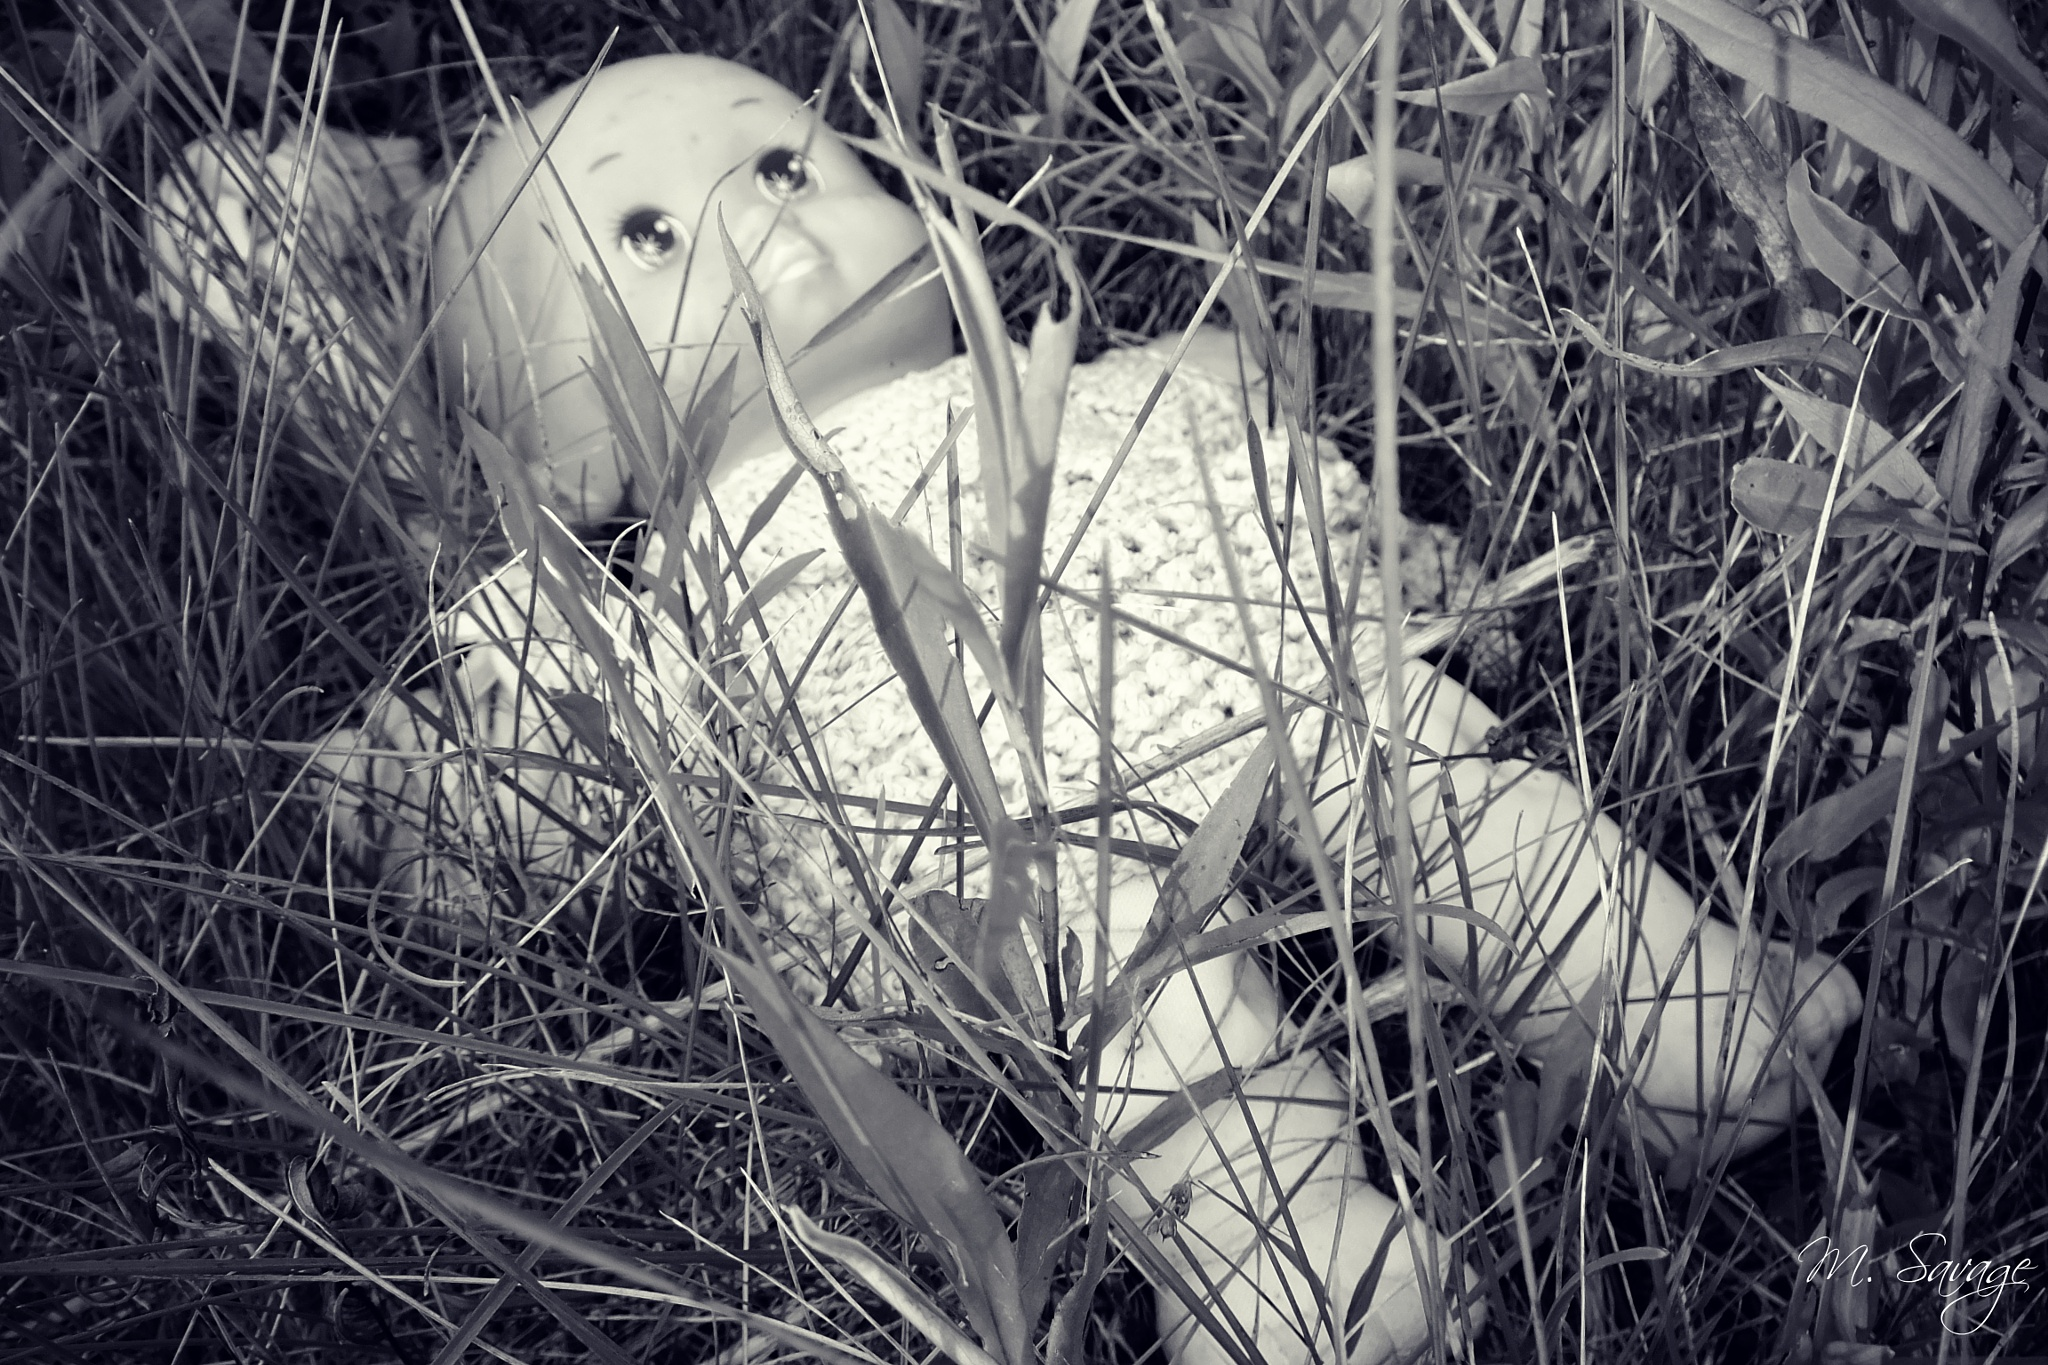 Creepy Doll by Michelle Christensen-Savage